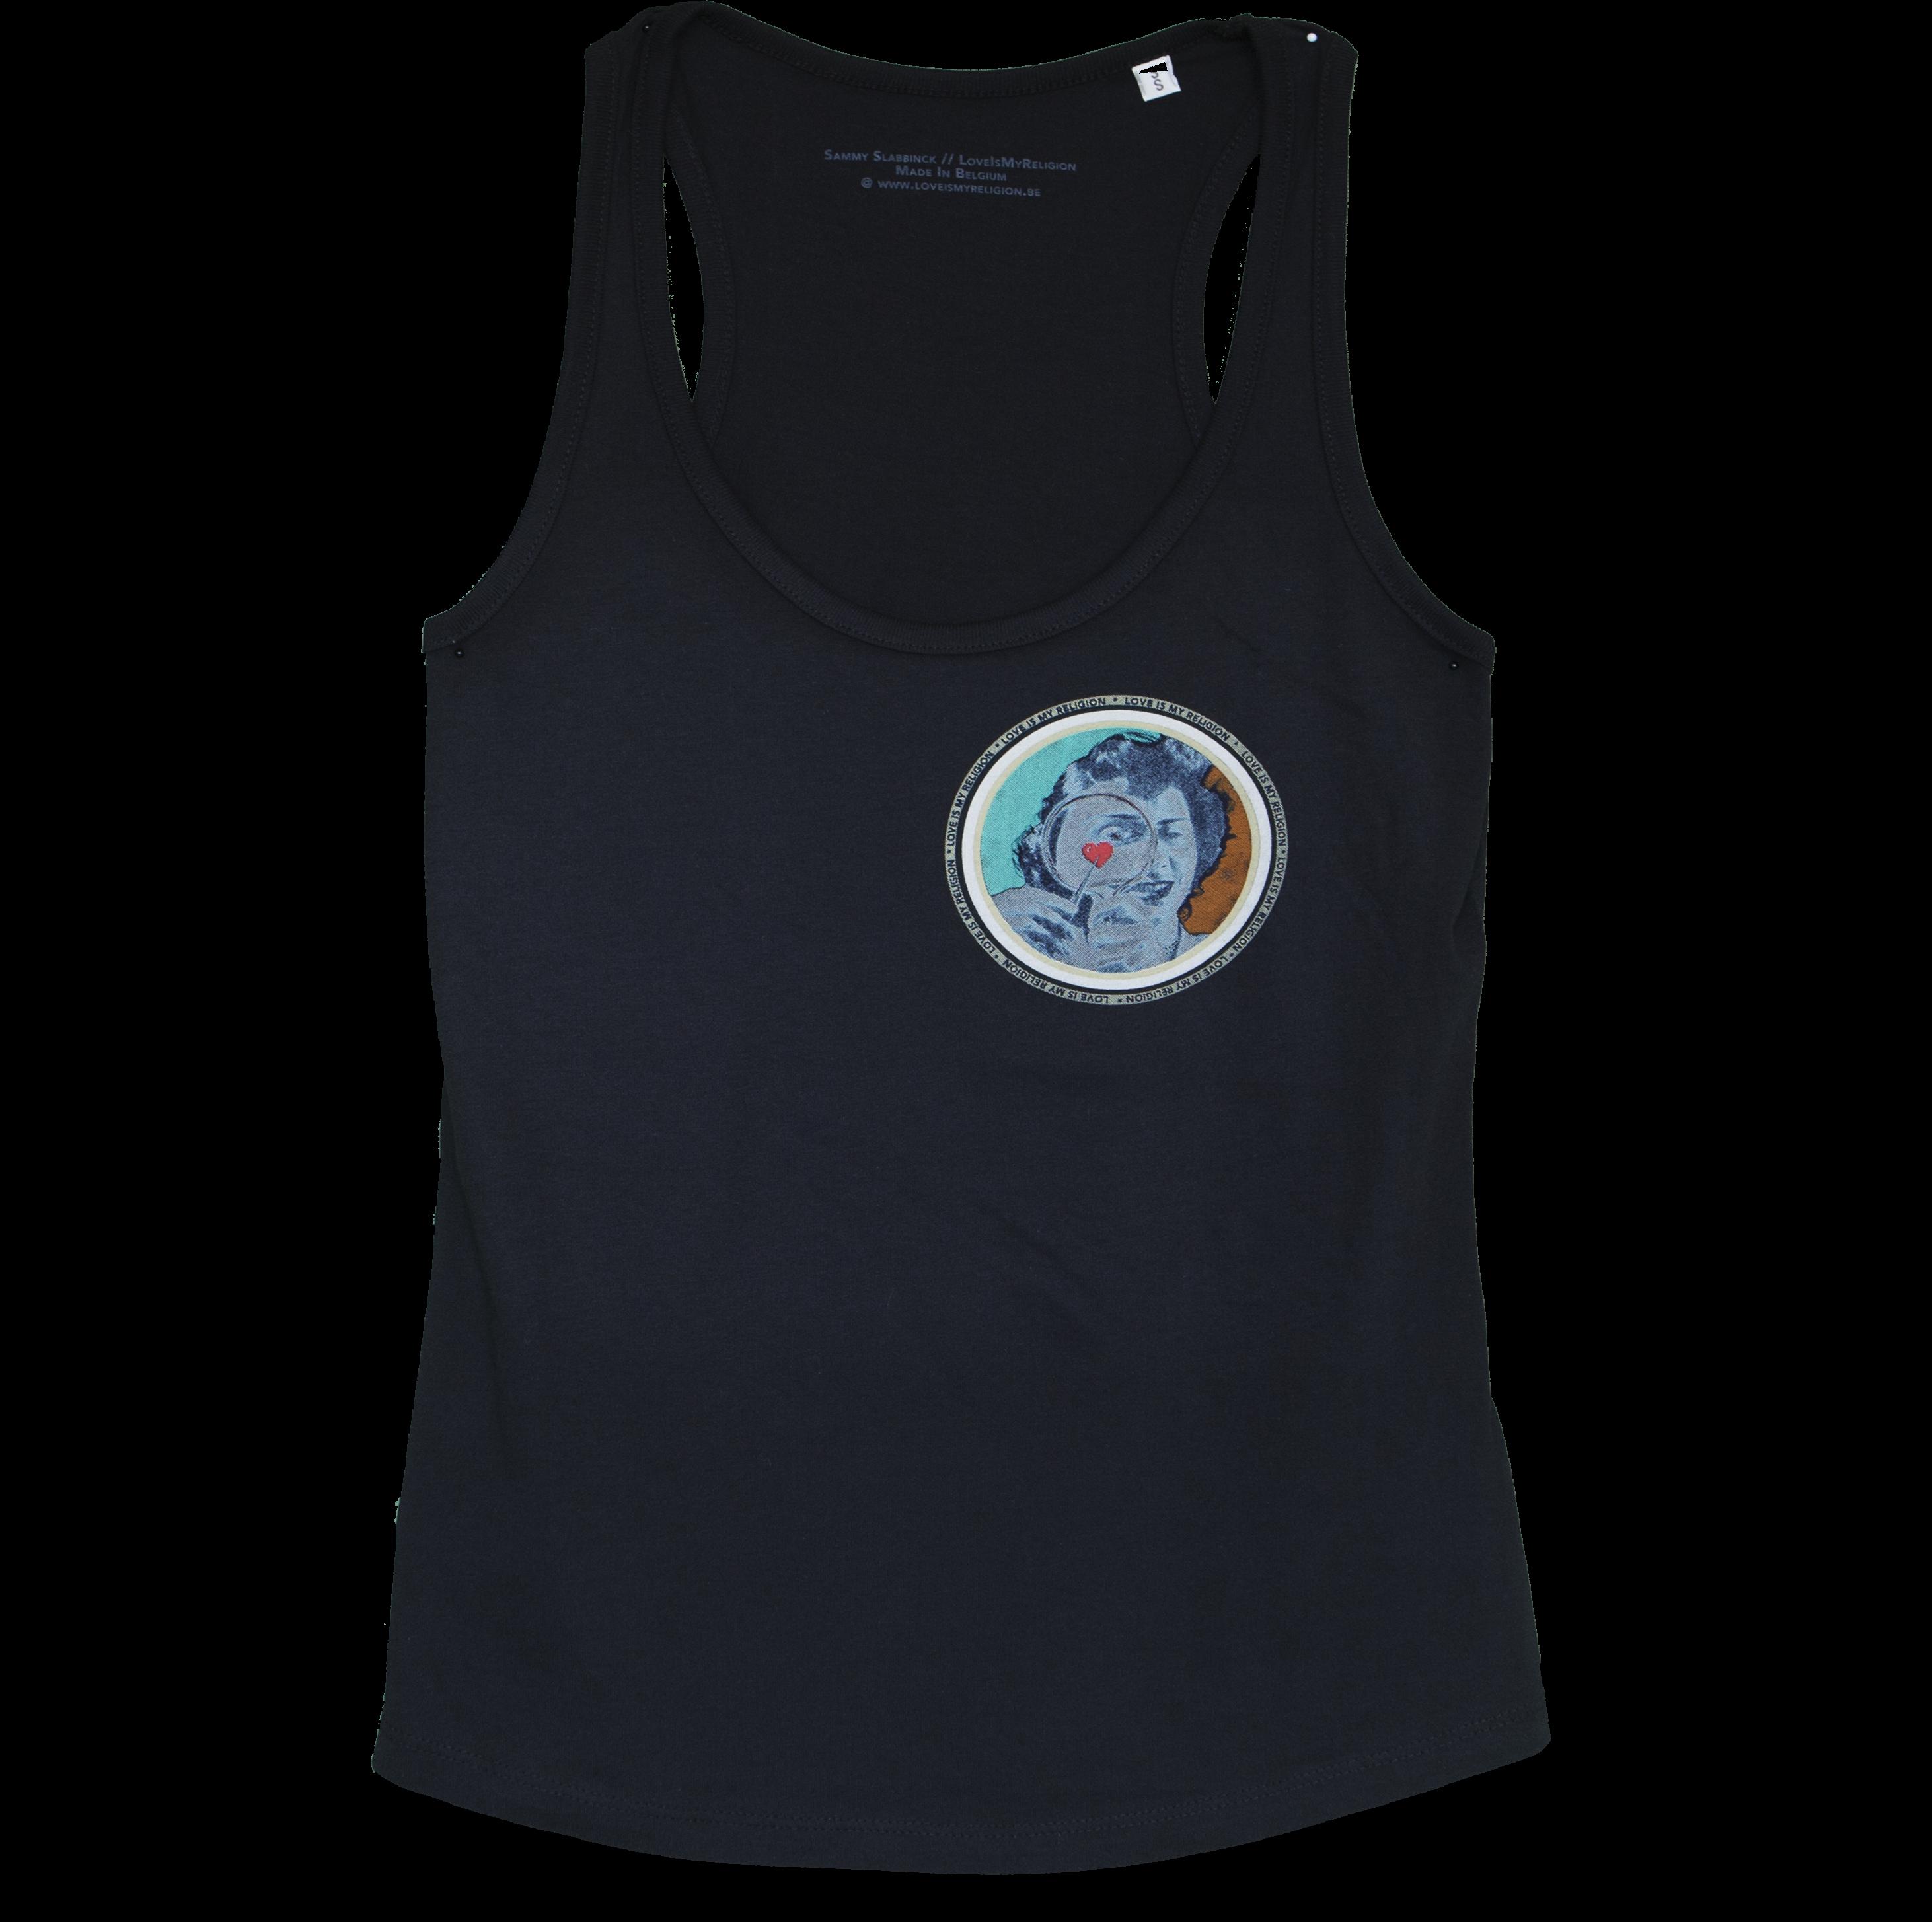 Organic cotton Girl's Tank Top in Black, design by Sammy Slabbinck collage artist.